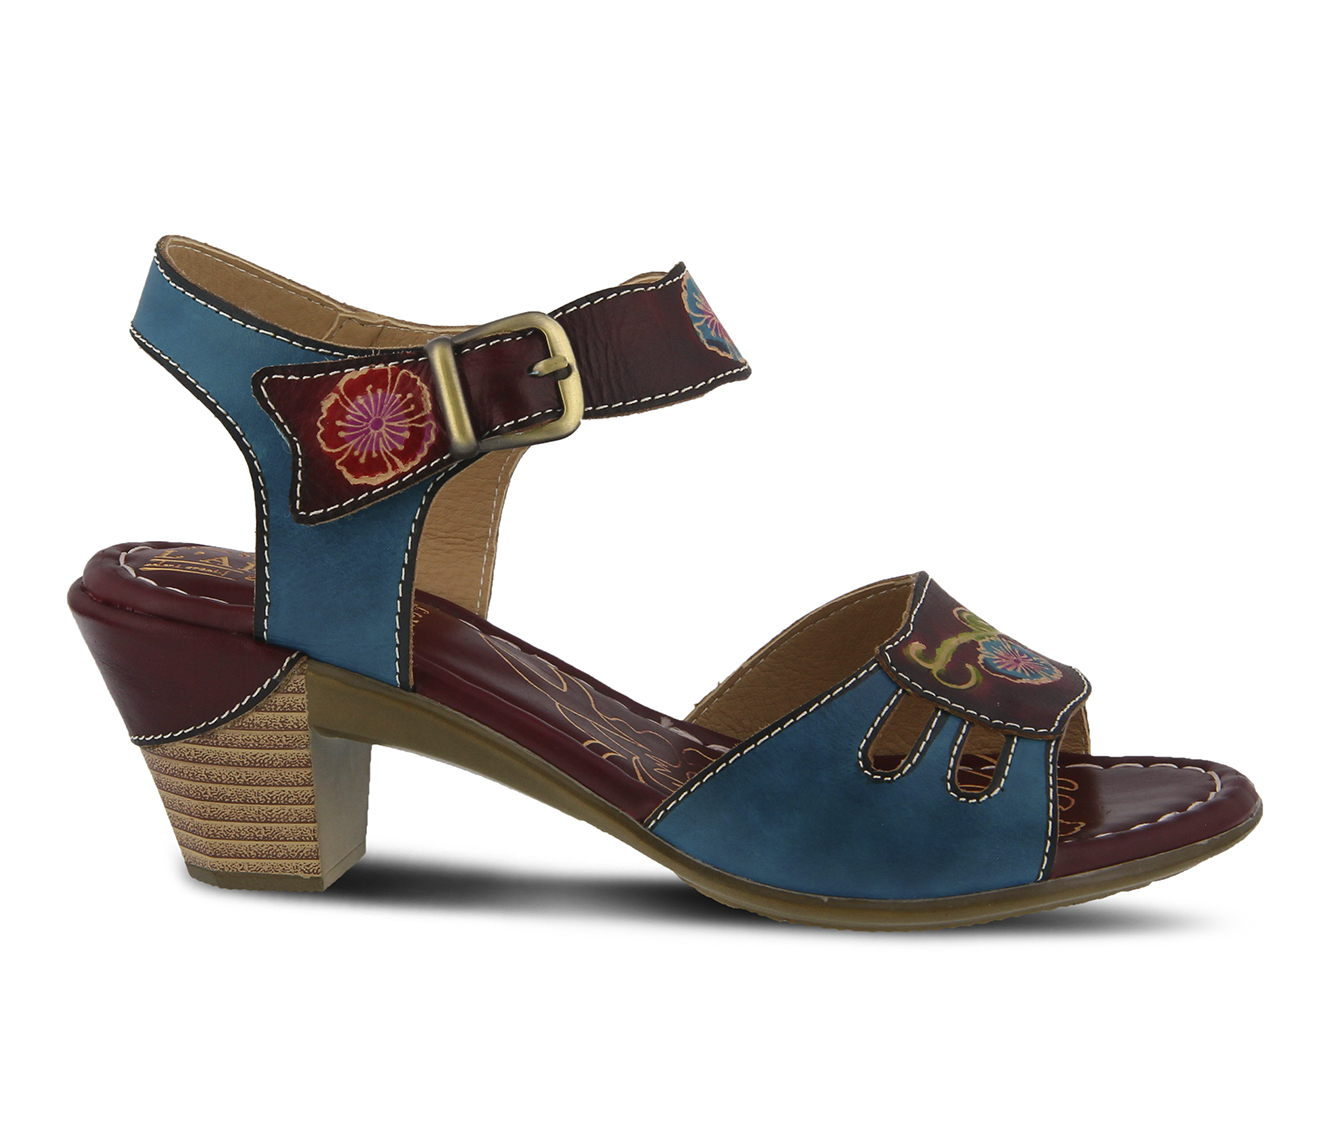 L'Artiste Kyleta Women's Dress Shoe (Red Leather)